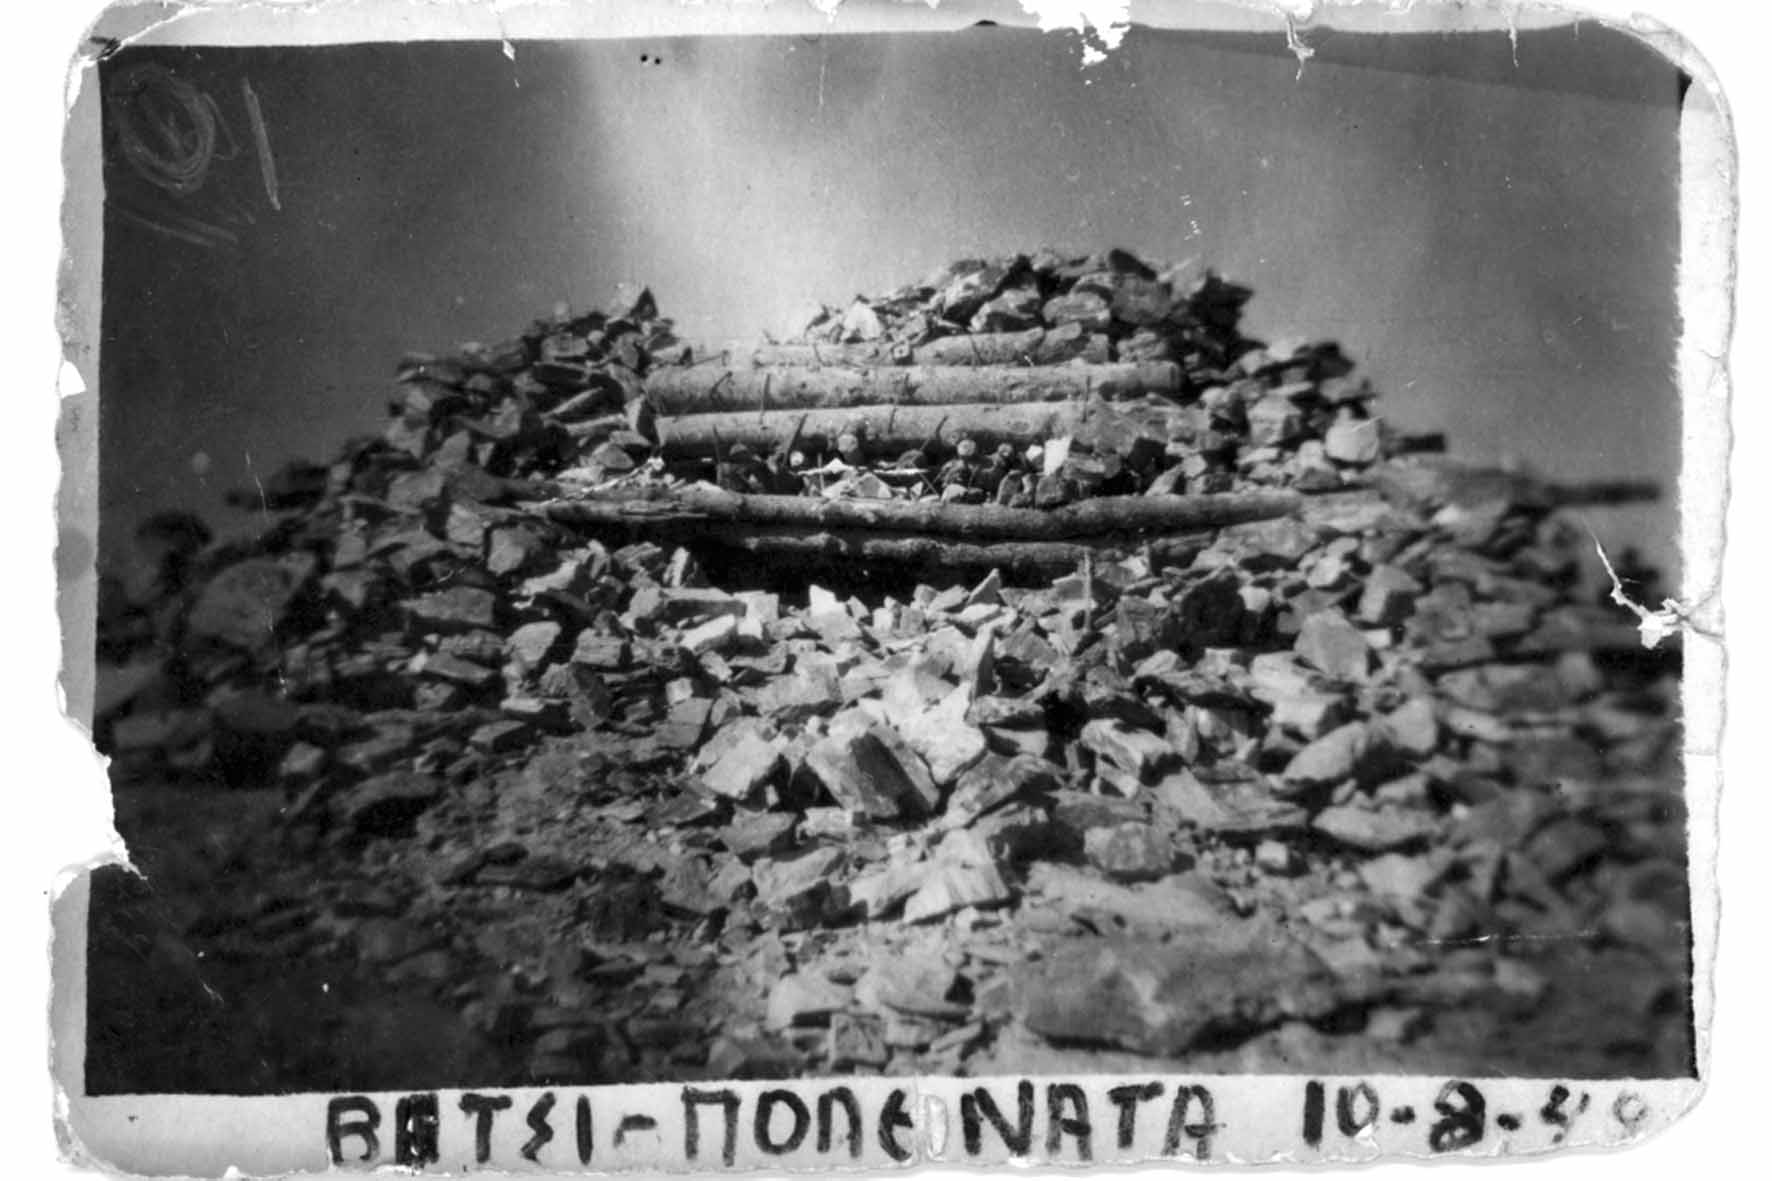 ΒΙΤΣΙ-ΠΟΛΕΝΑΤΑ-κατεστραμμενο πολυβολειο συμμοριτων.10.8.49